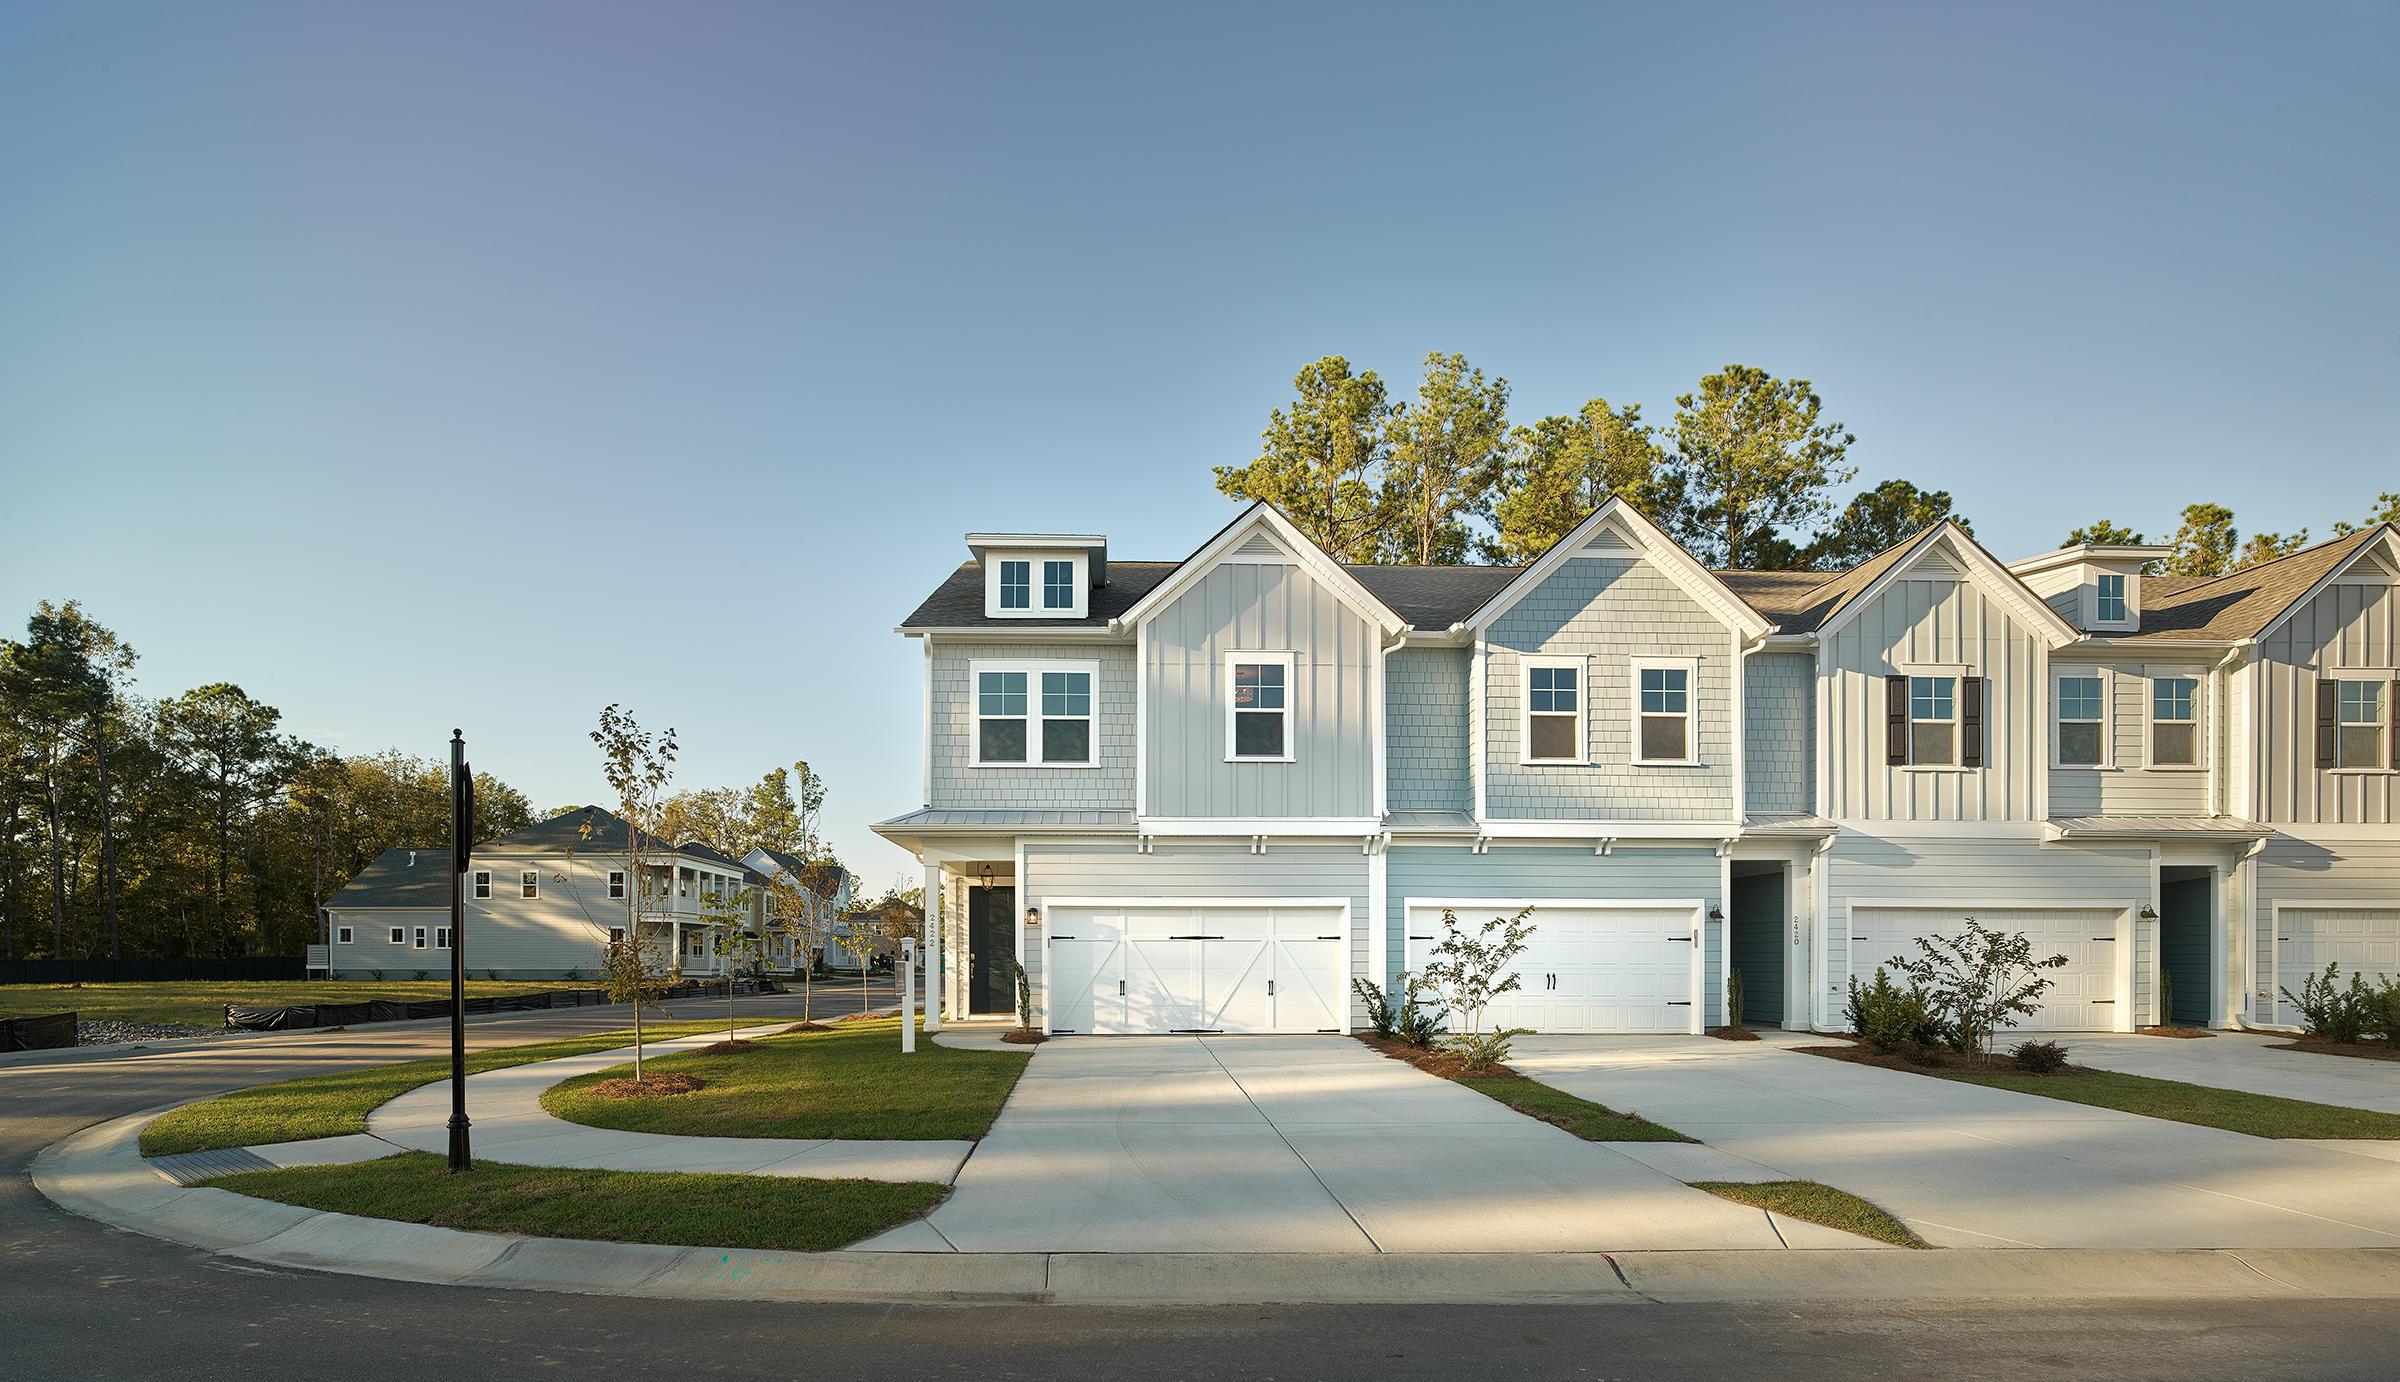 Dunes West Homes For Sale - 2890 Eddy, Mount Pleasant, SC - 17